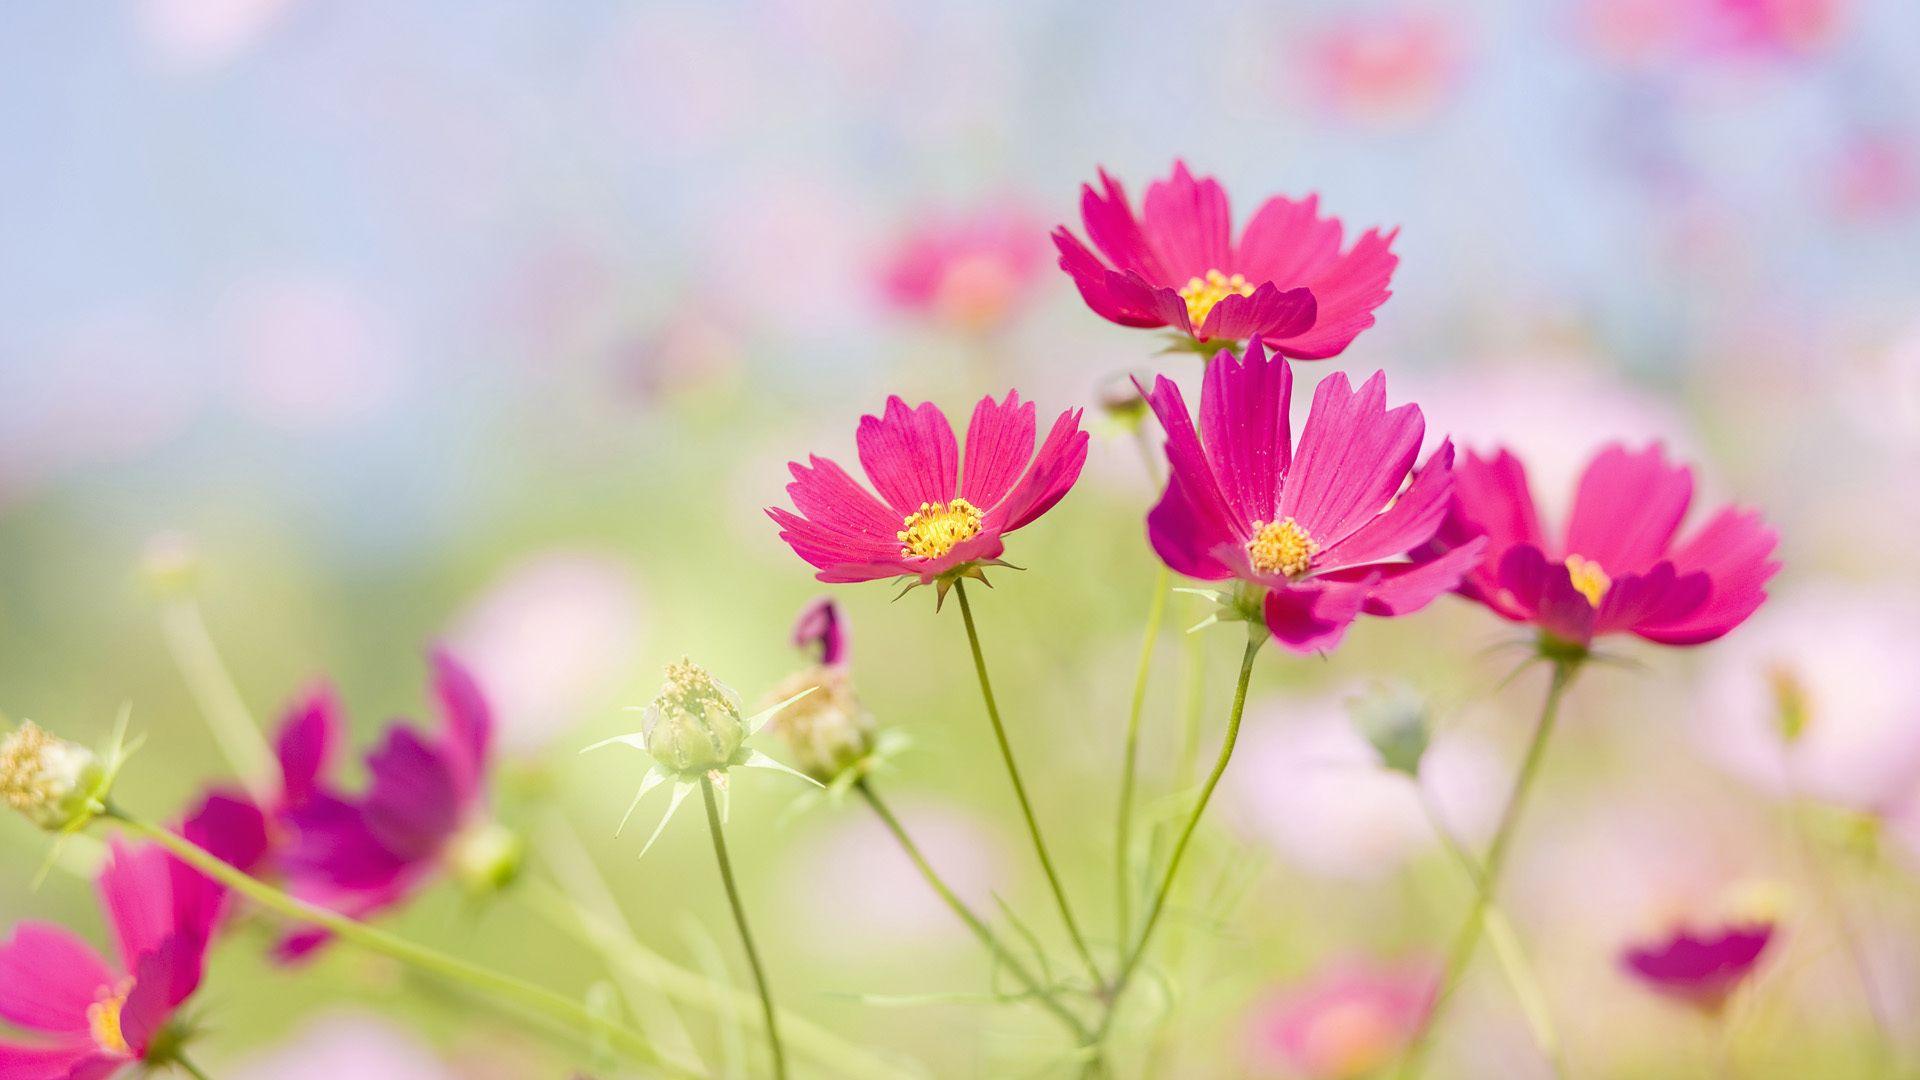 Fresh Flowers Wallpaper 871747 In 2020 Flower Phone Wallpaper Best Flower Wallpaper Beautiful Flowers Images